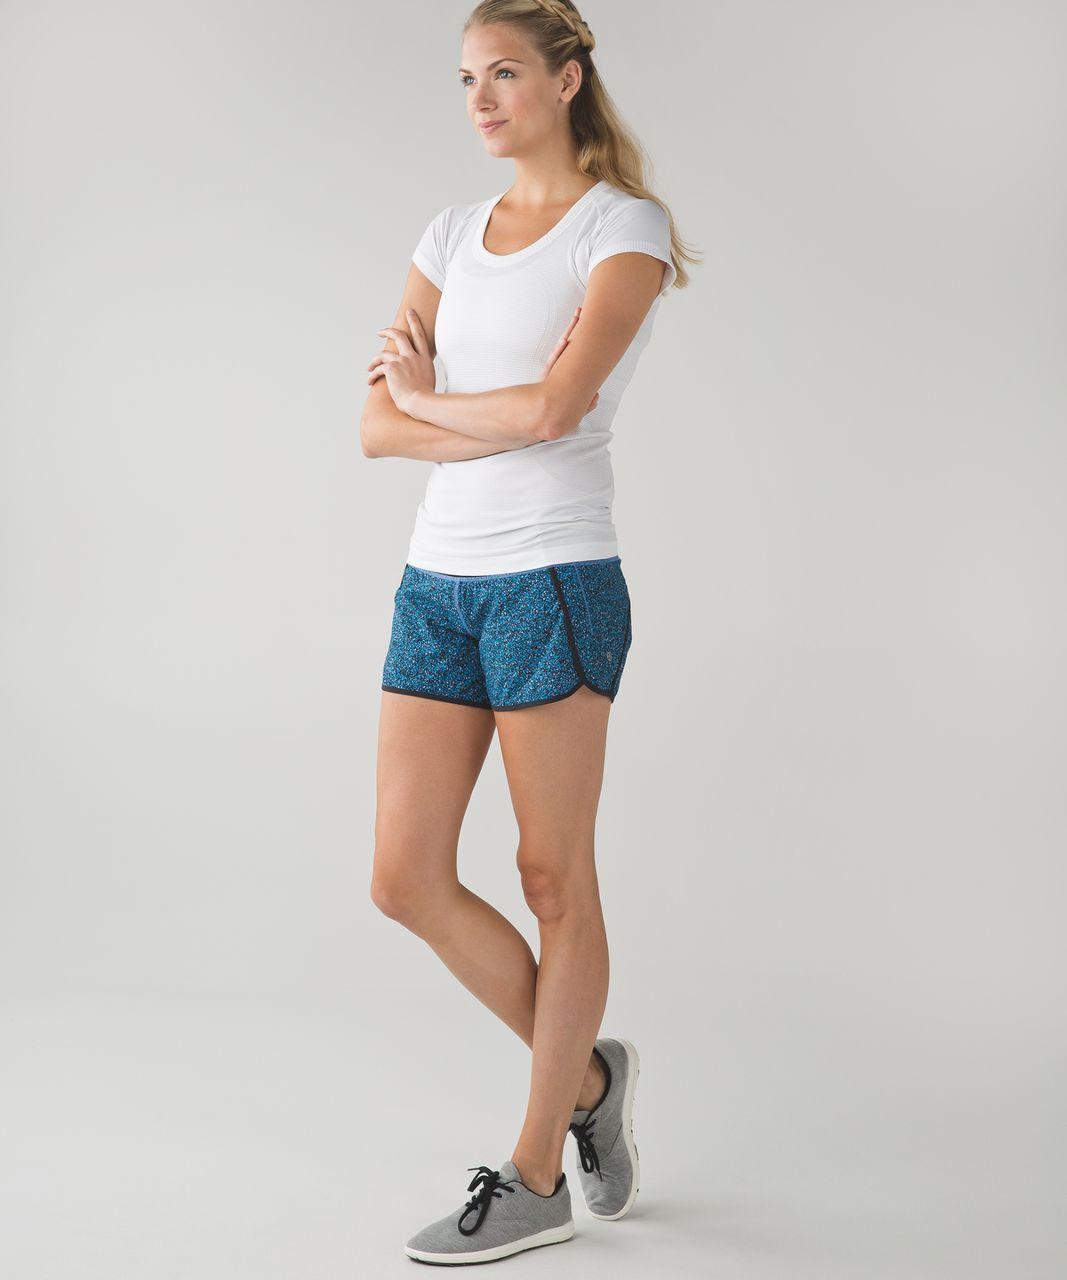 """Lululemon Run Times Short *4-way Stretch 4"""" - Flashback Static Powder Pink Kayak Blue / Black / Kayak Blue"""